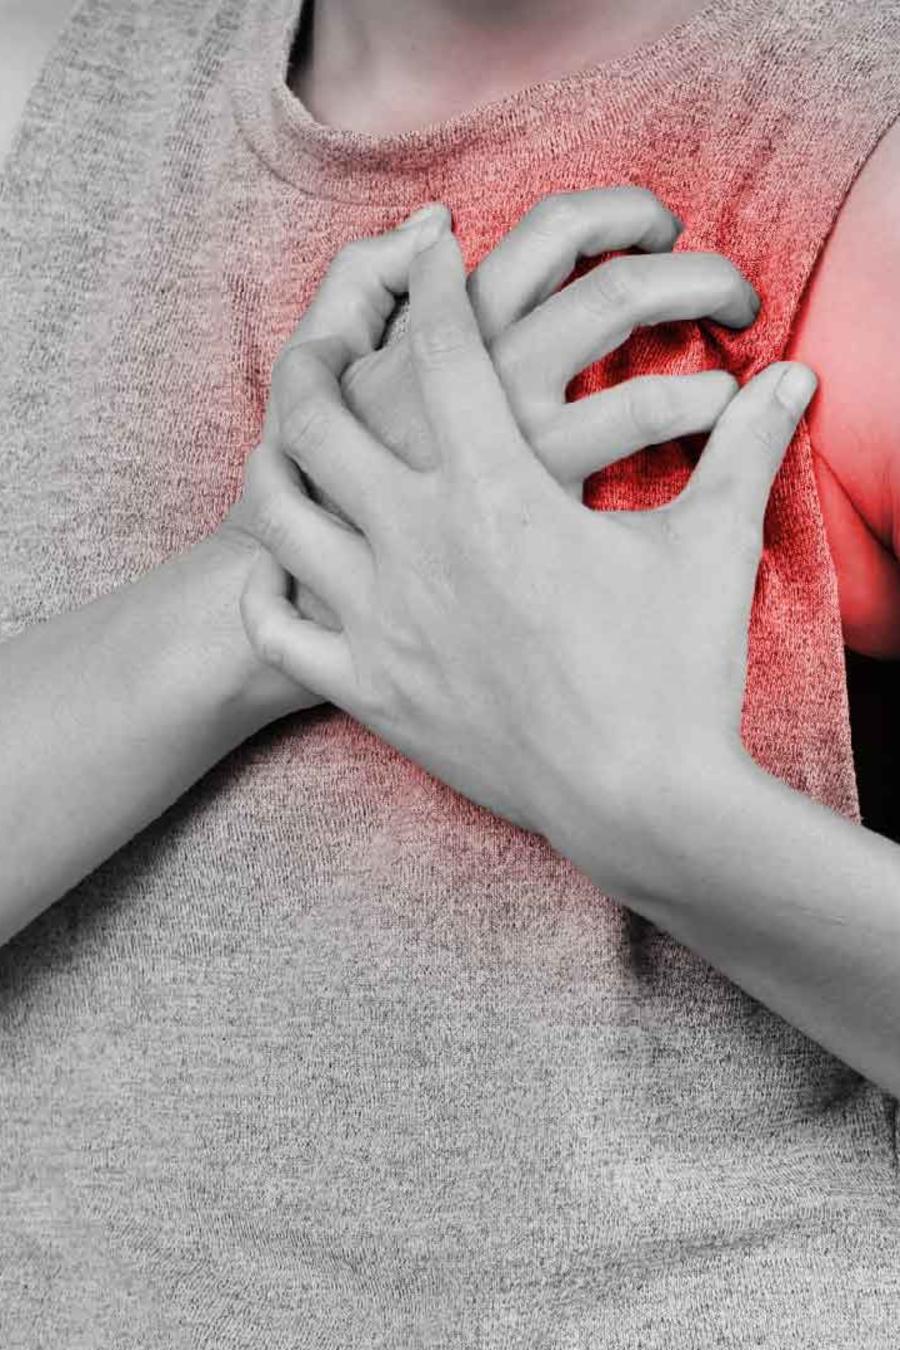 Mujer sufriendo infarto